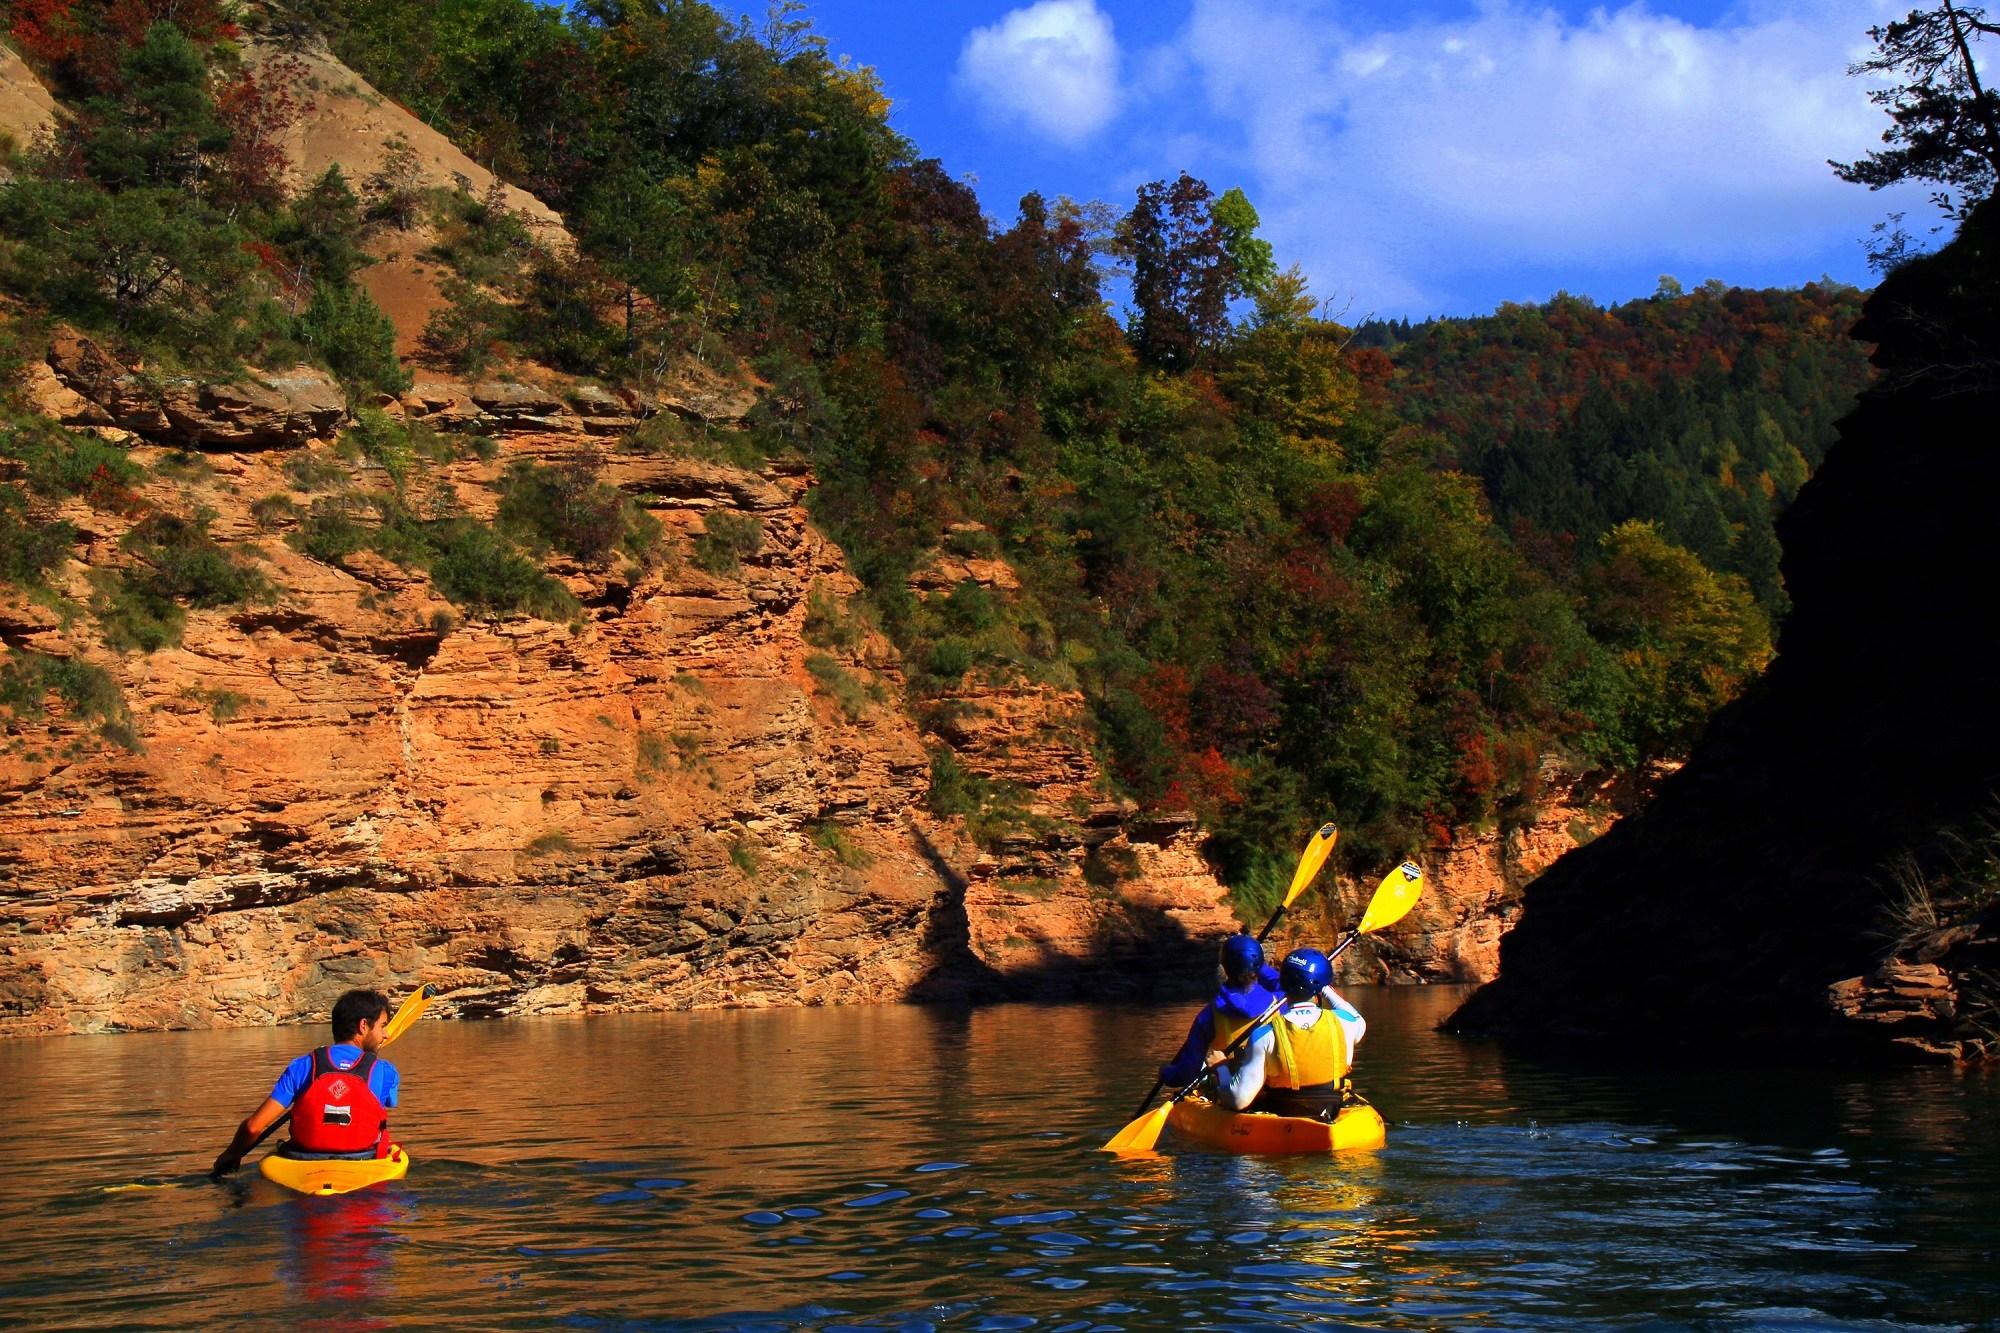 Appassionati di kayak sul torrente Novella, all'interno del meraviglioso Parco Fluviale Novella